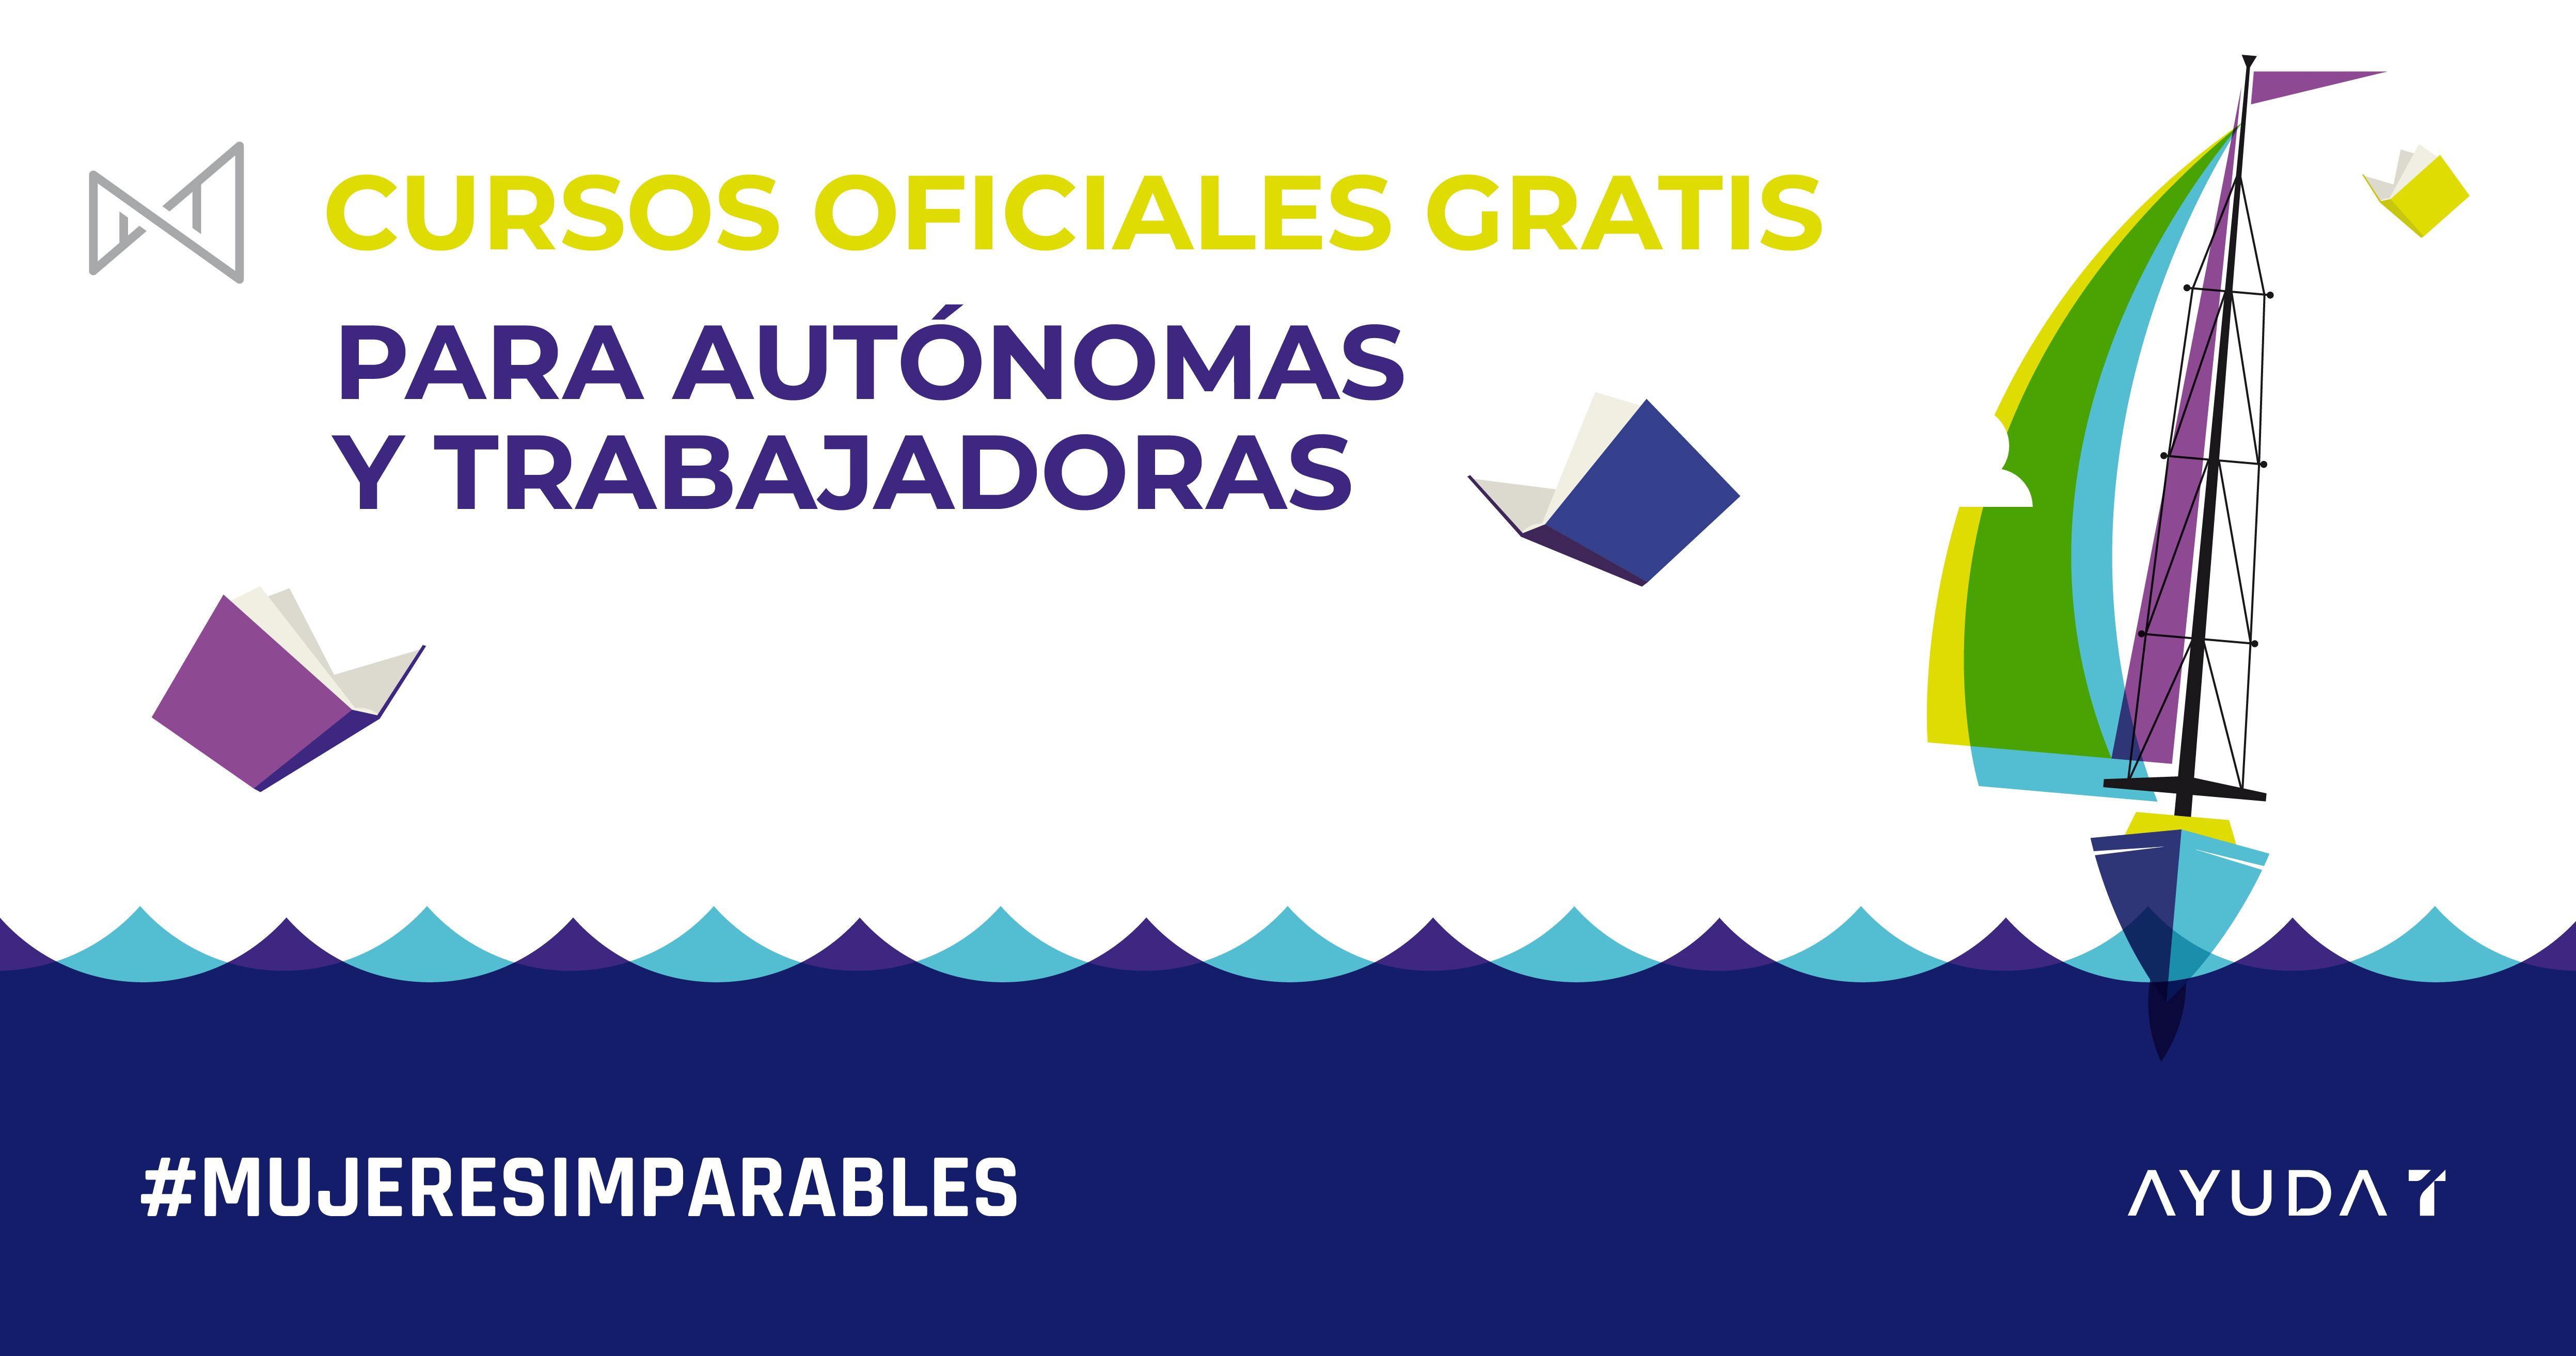 CURSOS ONLINE GRATIS PARA AUTÓNOMAS Y EMPLEADAS | #MUJERESIMPARABLES